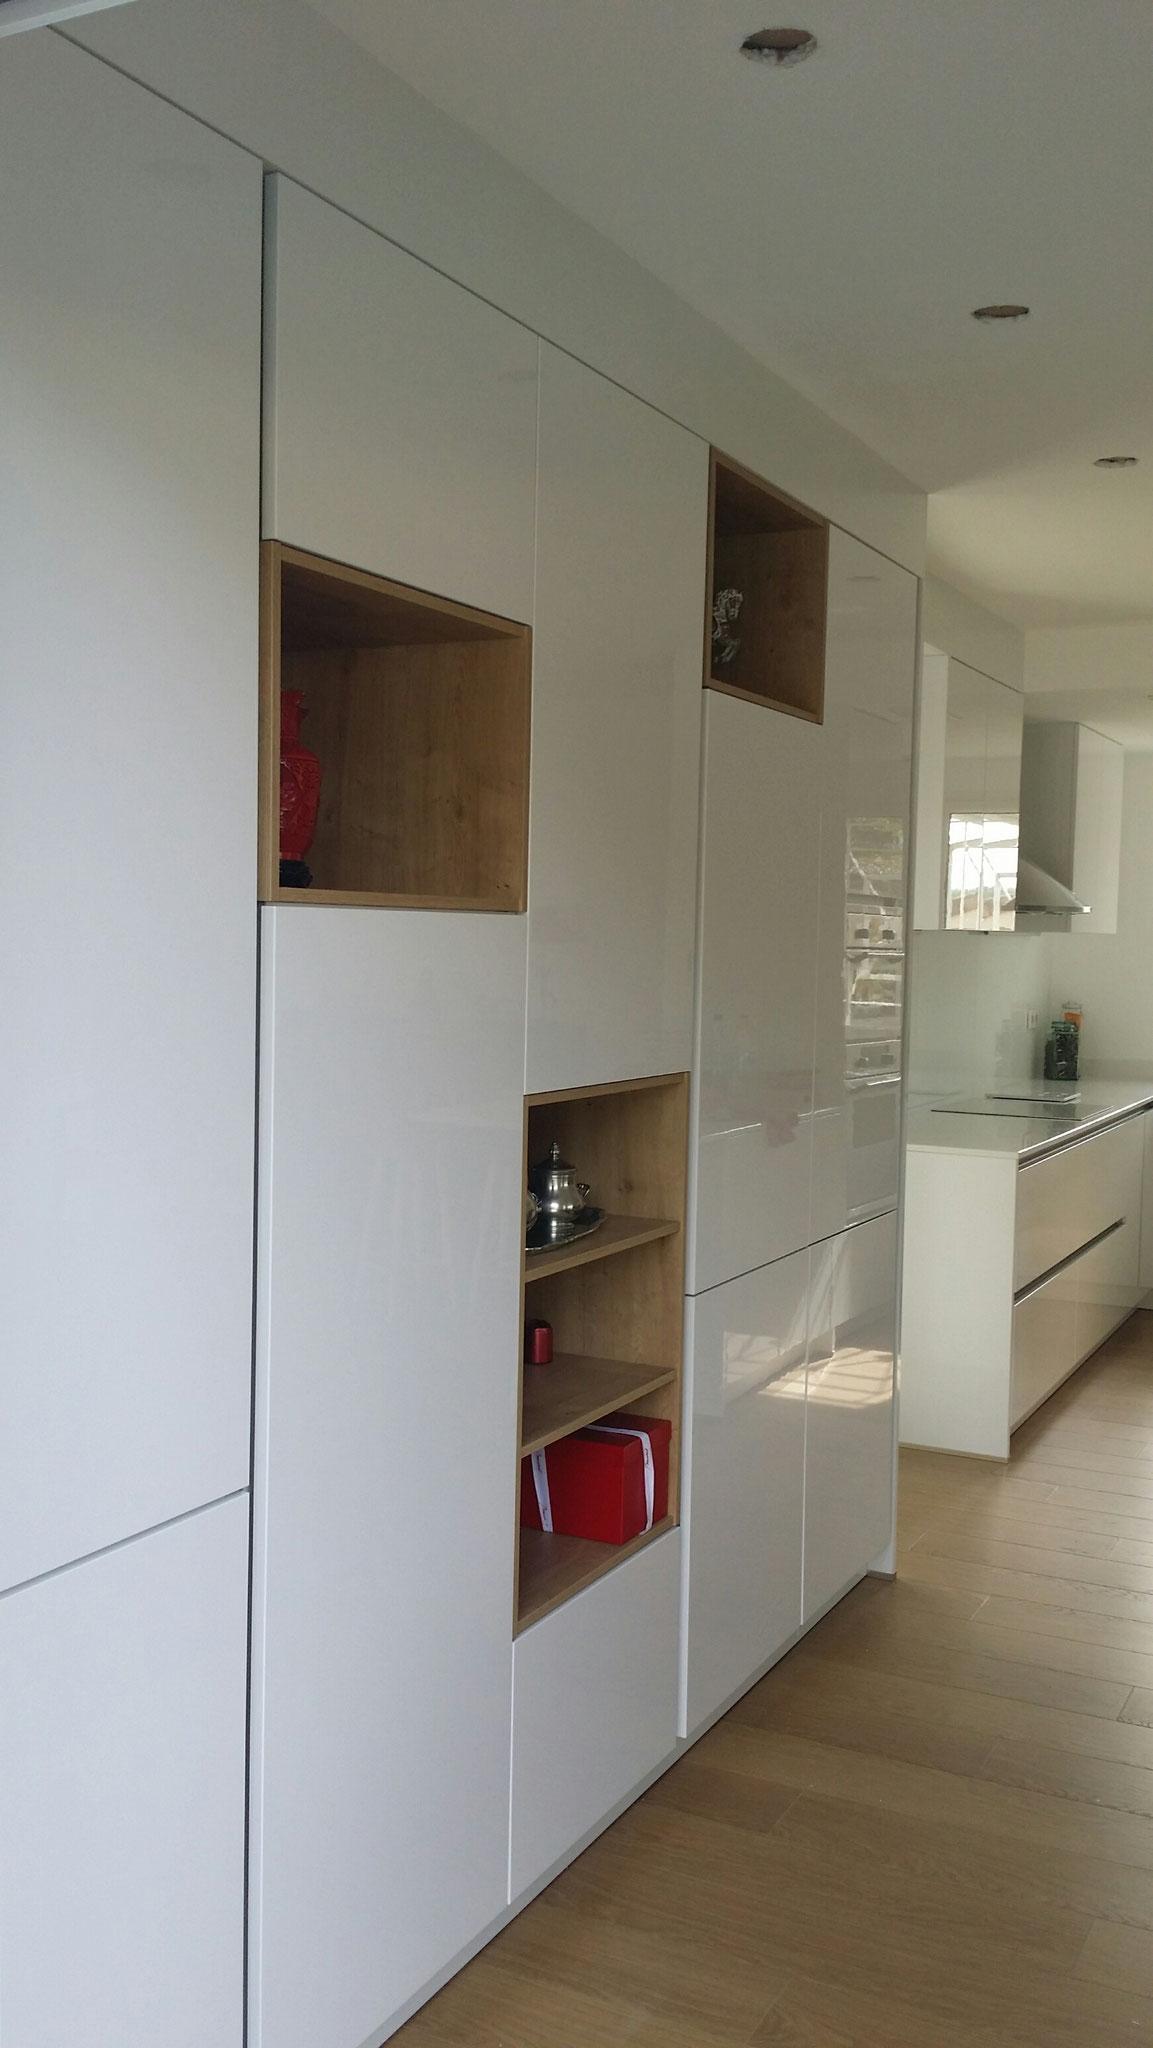 cuisine contemporaine mélange de bois et laque  2016 laque sans poignée cuisine design Toulouse